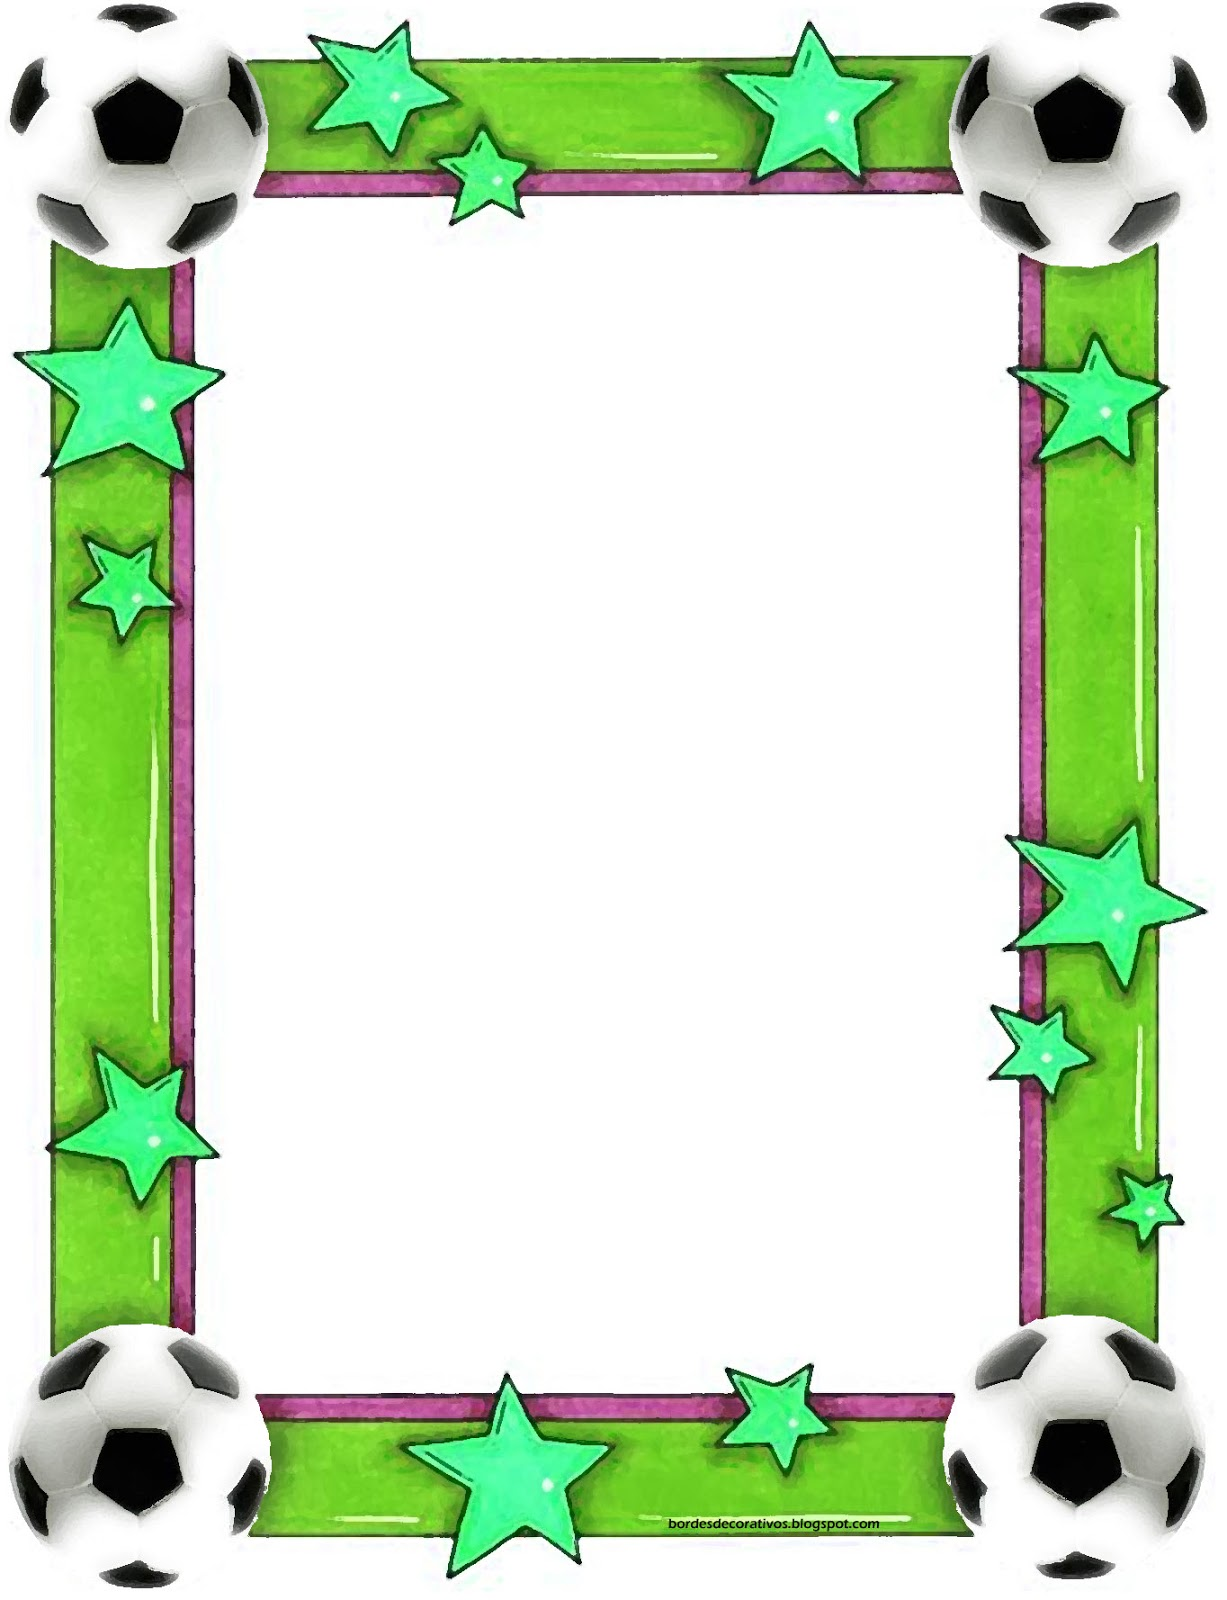 Bordes decorativos bordes decorativos de hojas de f tbol for Bordes creativos